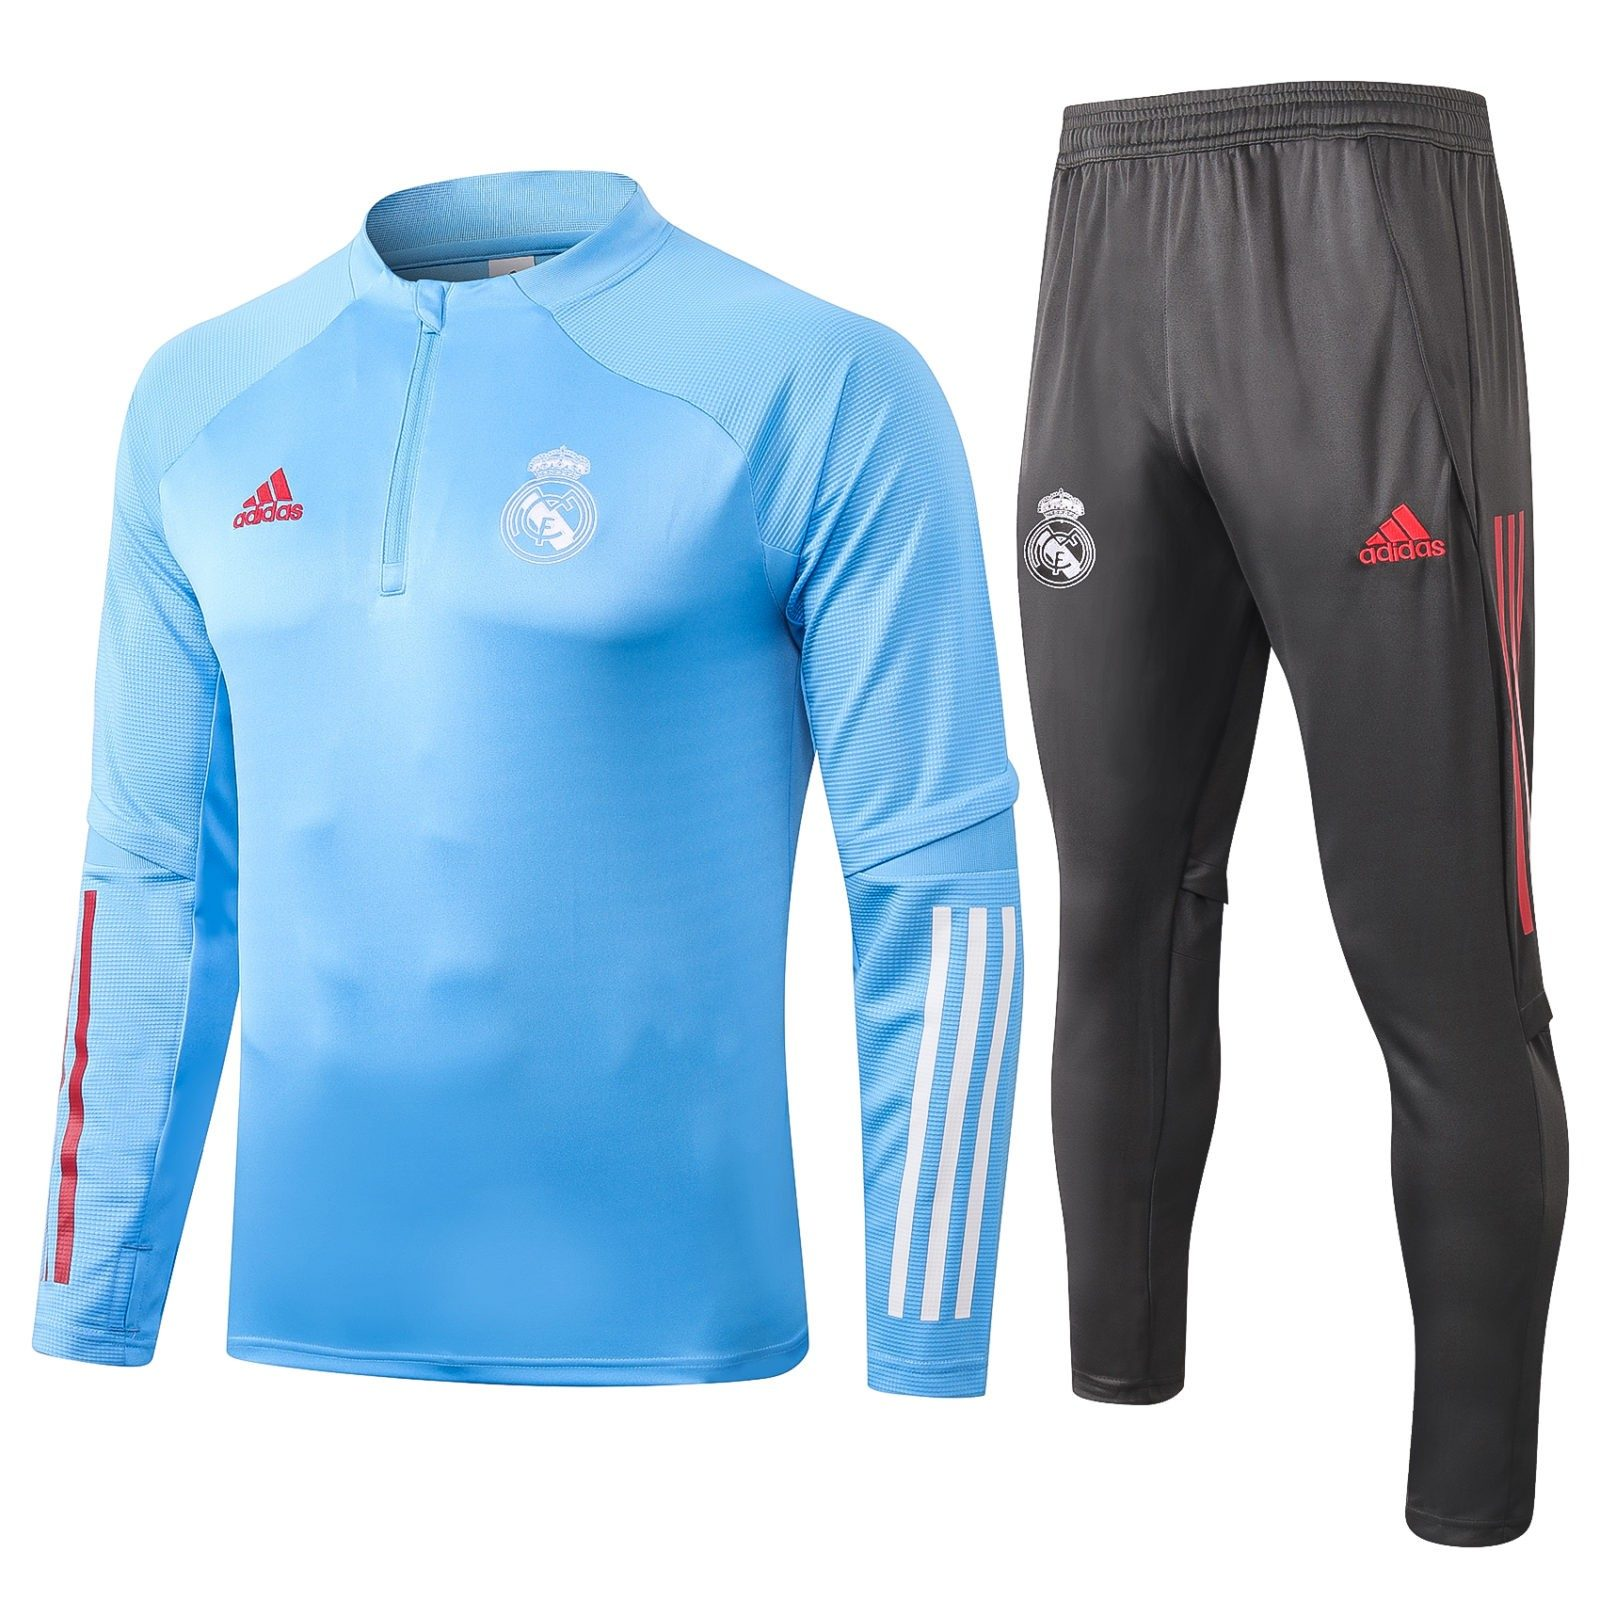 Спортивный костюм Реал Мадрид сезон 2020-2021 арт. 22005